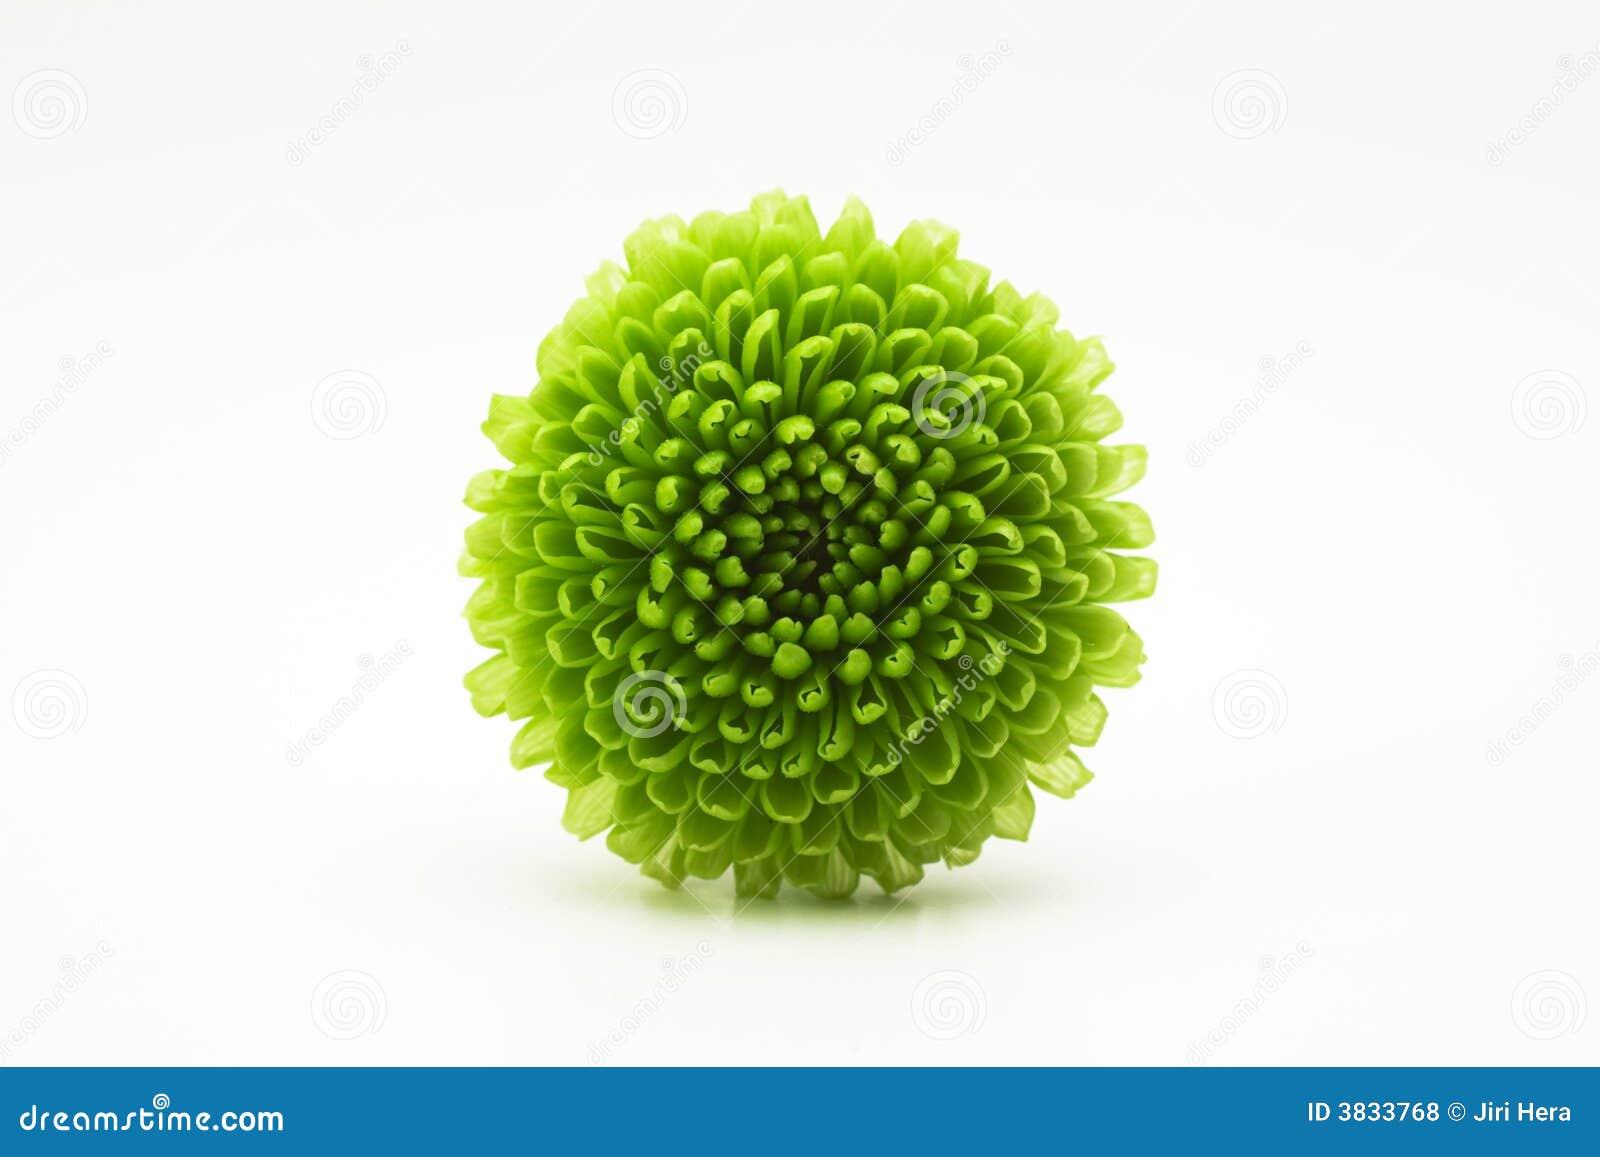 Fleur Verte Nom Signification Des Fleurs Maison Retraite Champfleuri